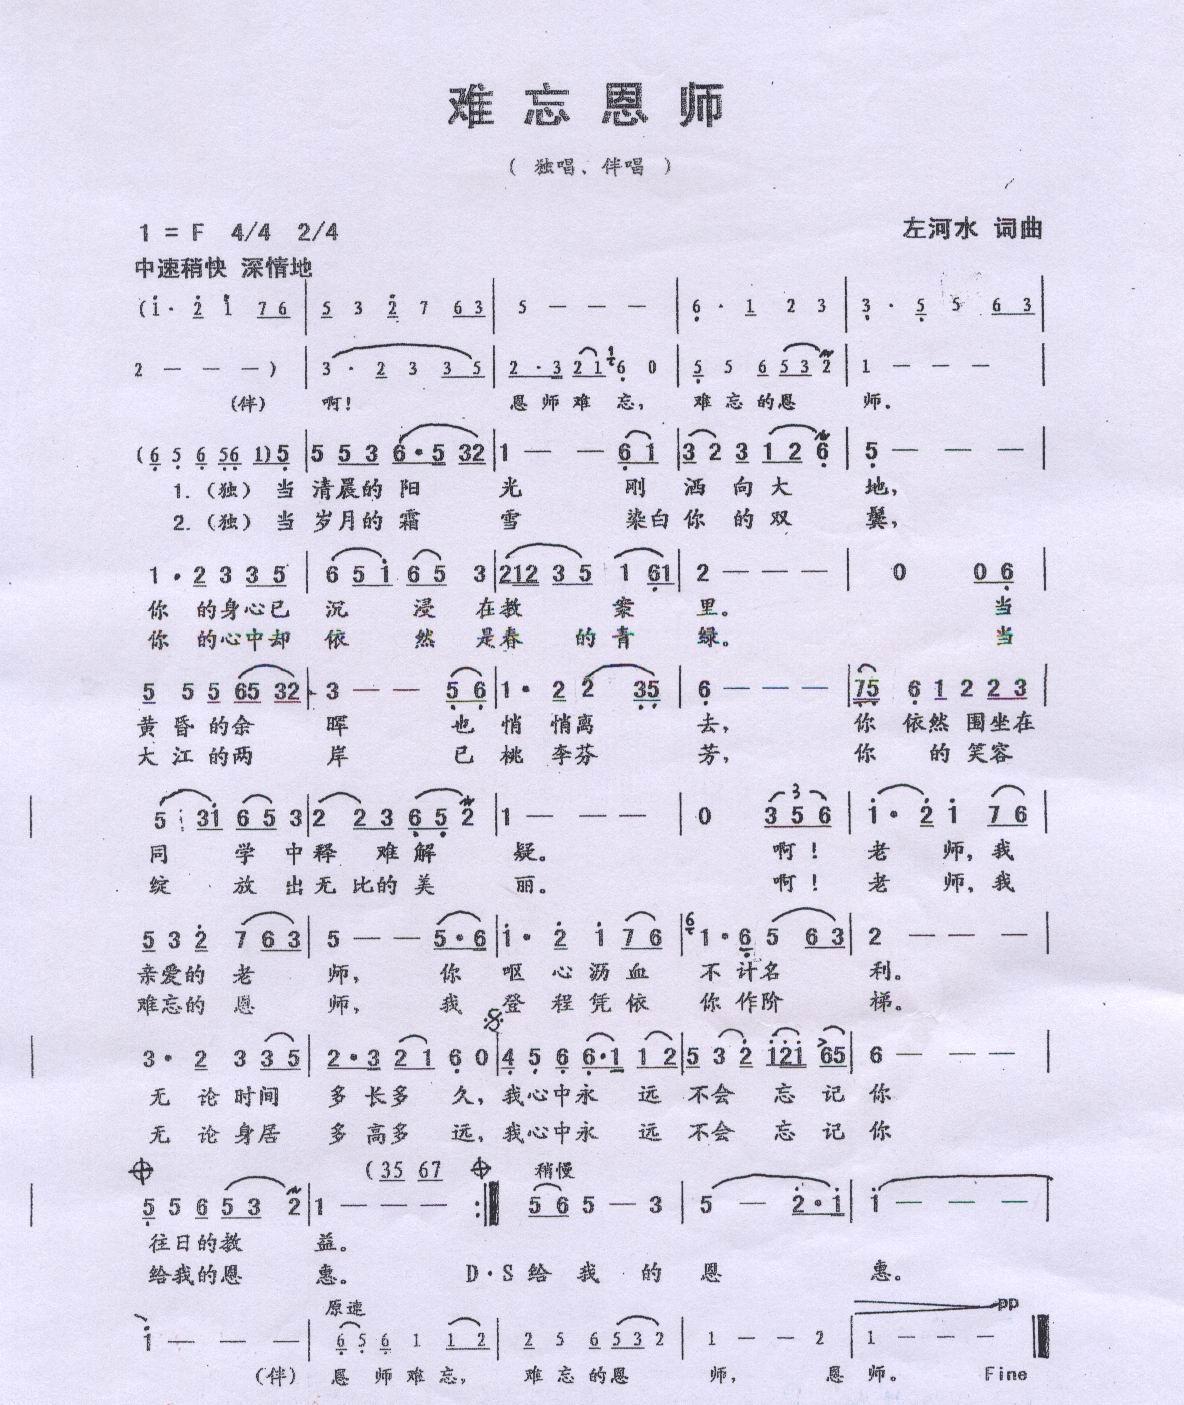 教师节的歌曲 曲谱-左河水歌谱 难忘恩师